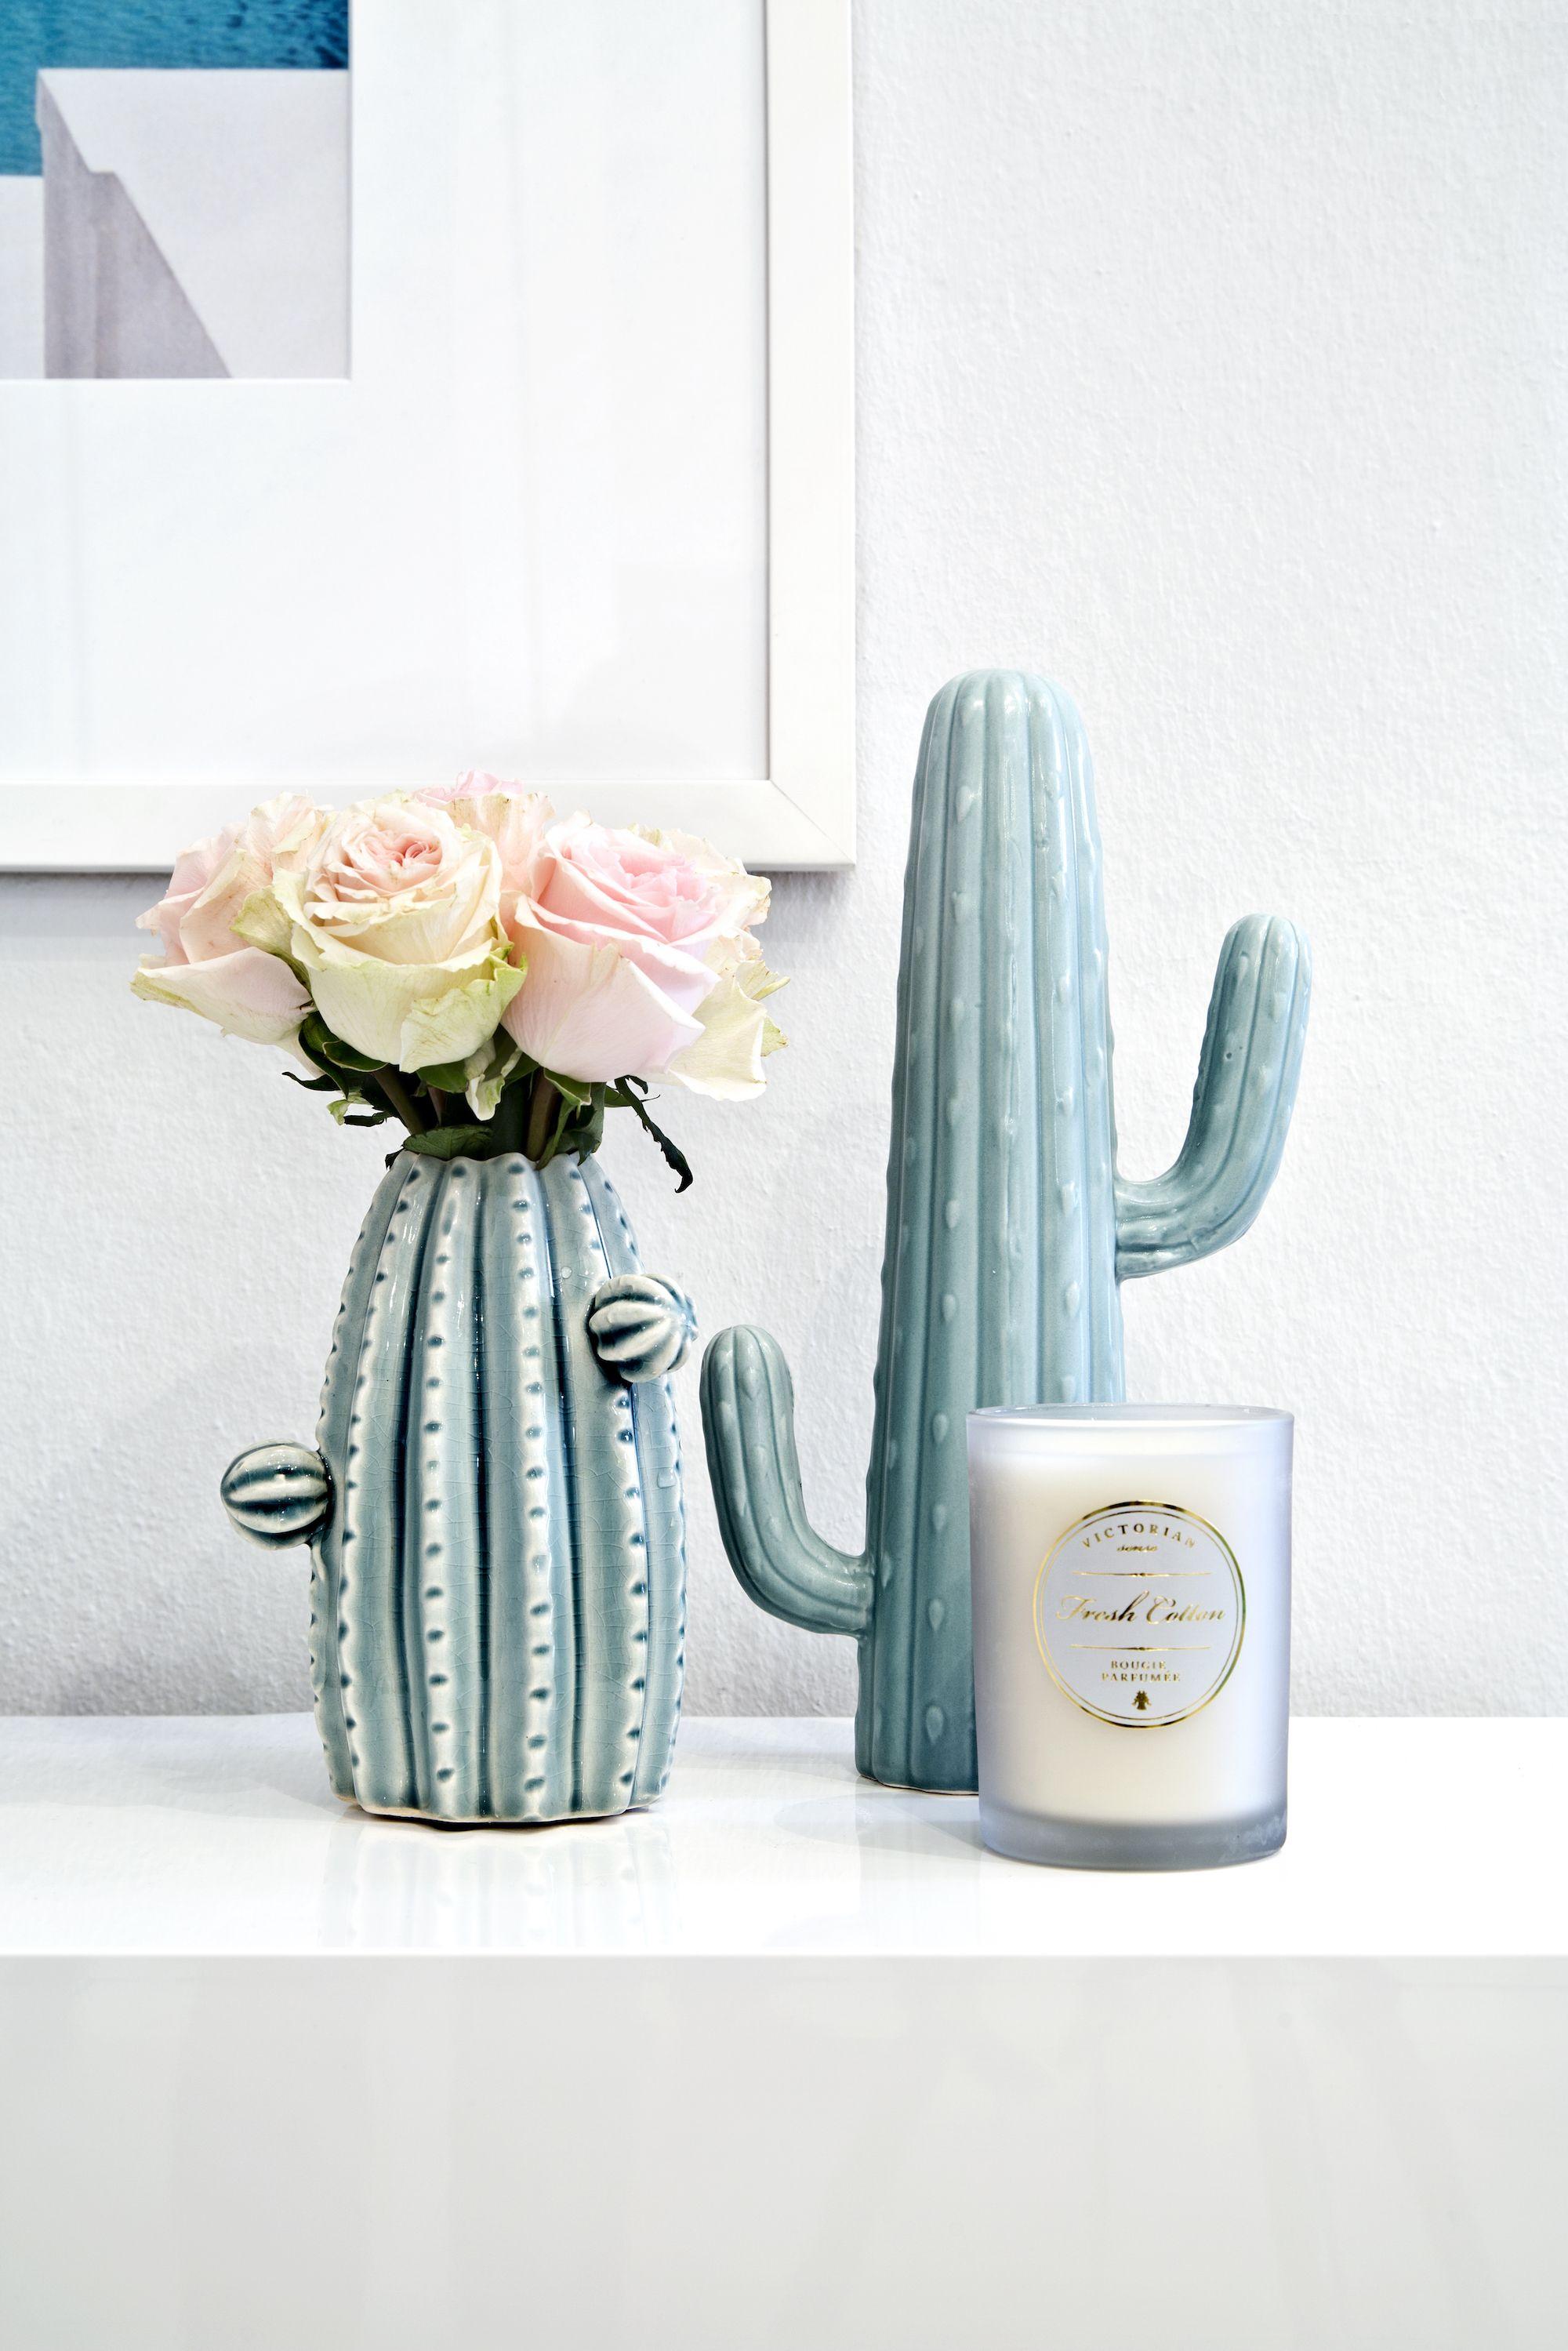 Dekotrend Weihnachten 2019.Mit Oder Ohne Blumen Diese Bezaubernden Kaktusvasen Sind Absolute